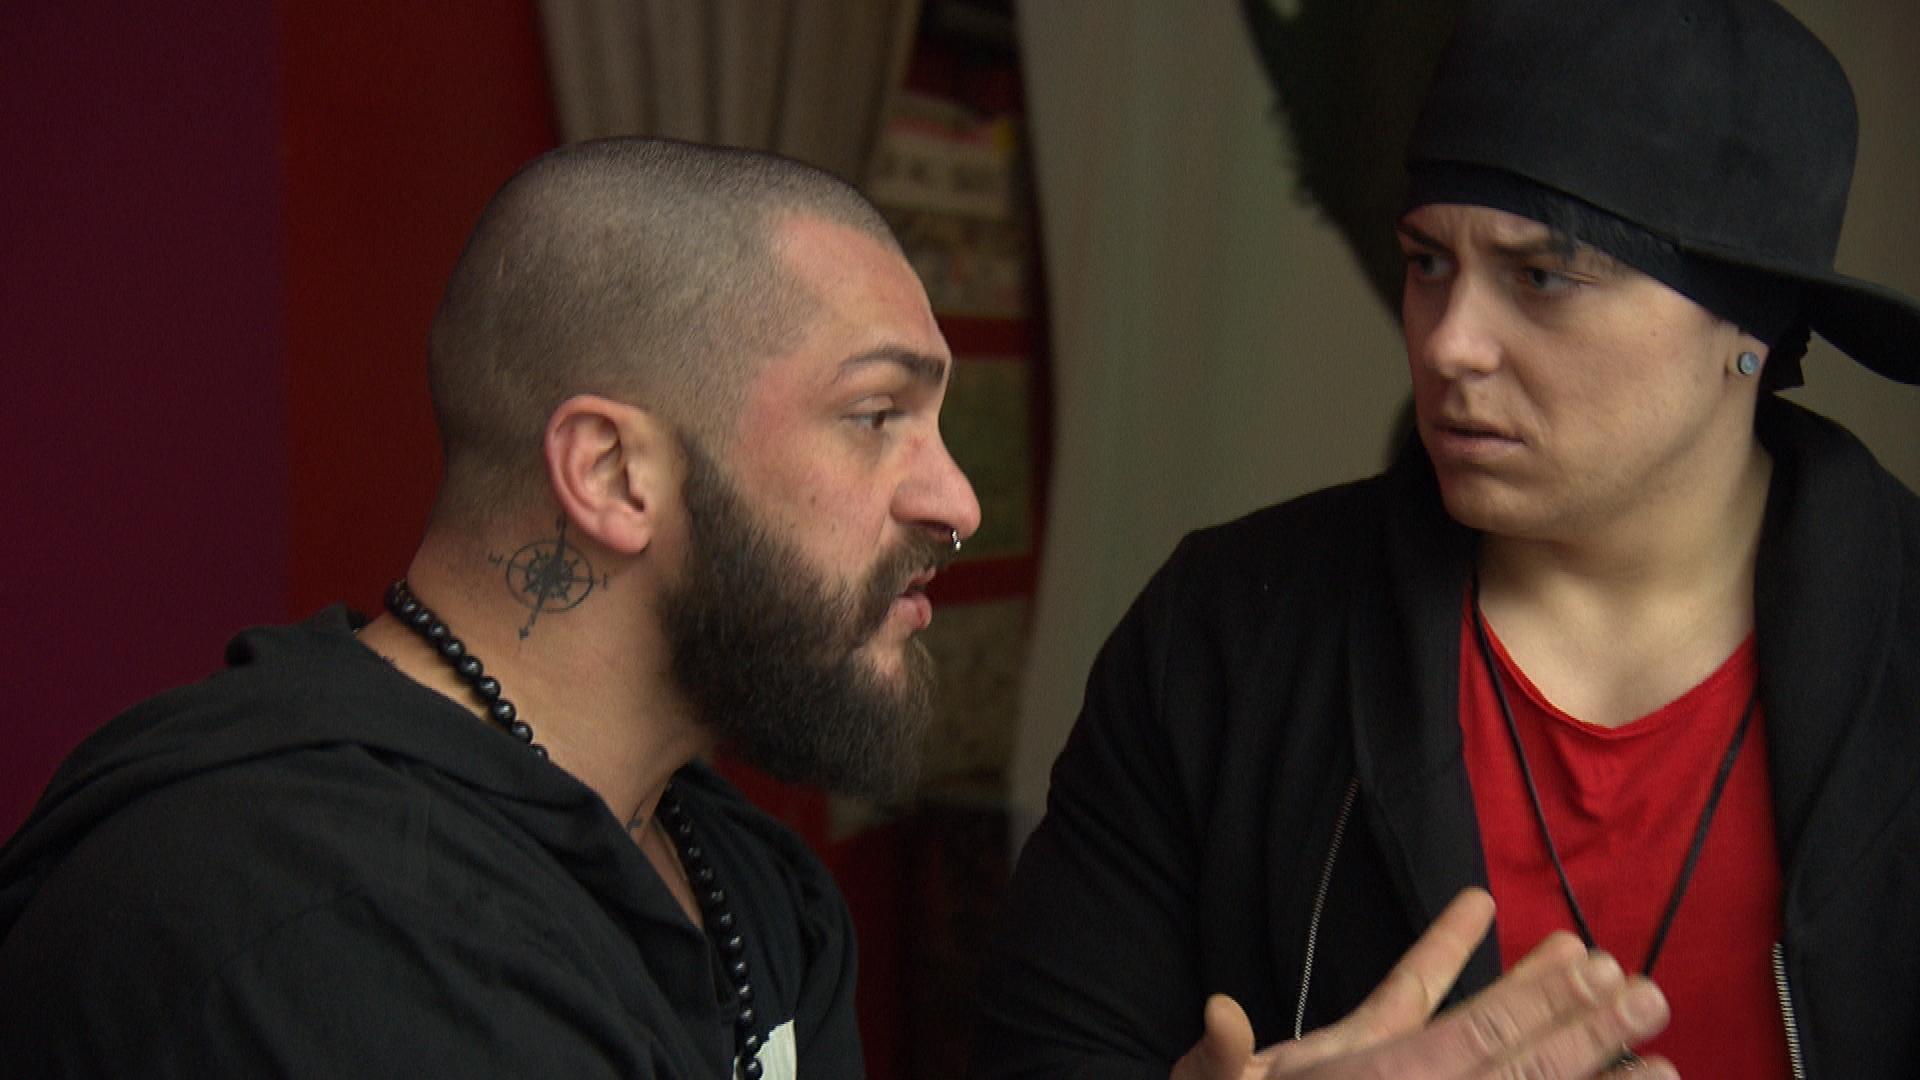 Kevin ist schockiert, als sich herausstellt, dass in der Bar 20.000 Euro fehlen. Bruno ruft die Polizei, die wenig später klarstellt, dass es keine Einbruchsspuren gibt und Kevin befragt, der als Letzter in der Bar war. (Quelle: RTL 2)